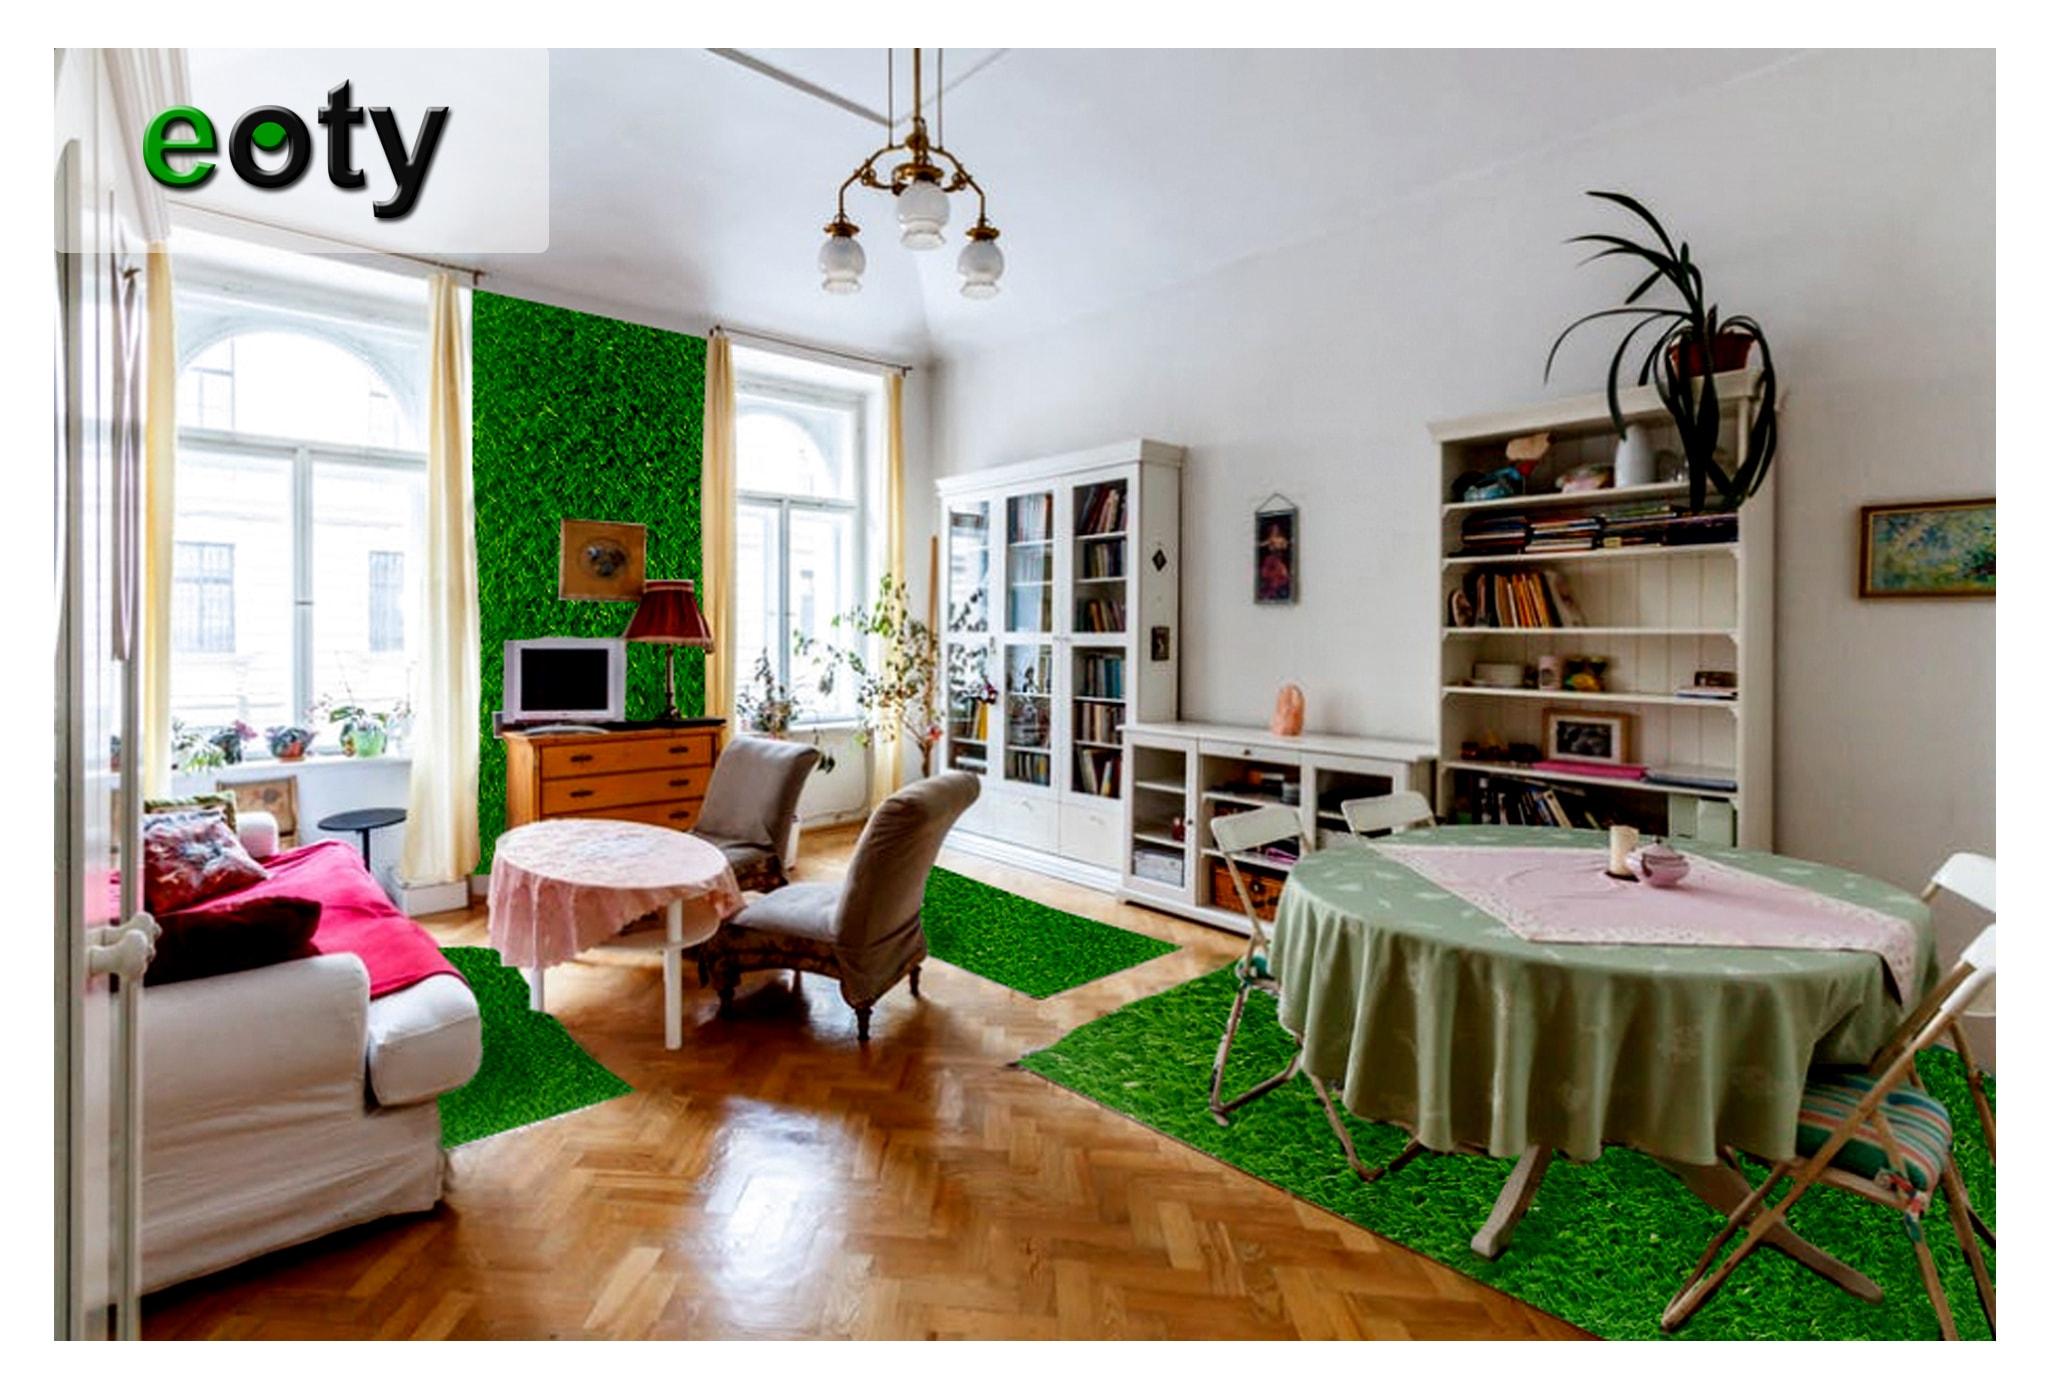 Thiết kế tường xanh độc đáo giúp phòng khách đẹp đến không ngờ